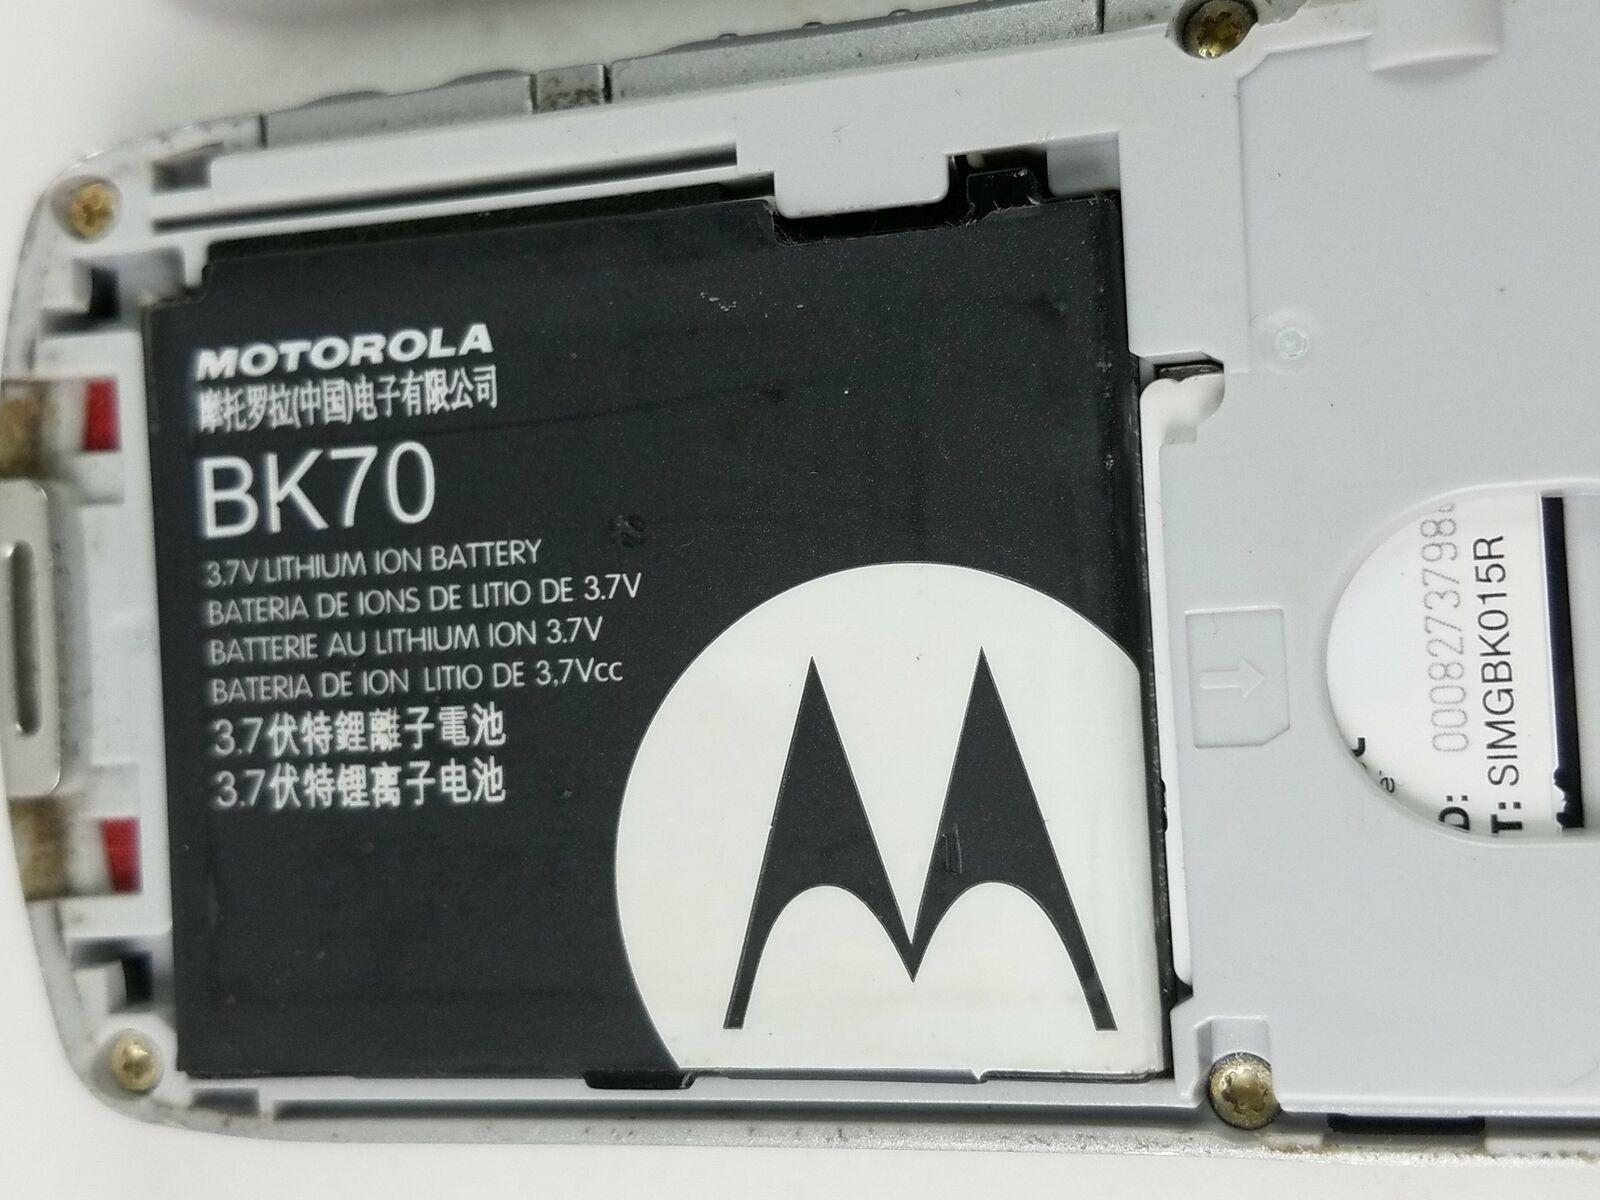 Motorola i335 Cell Phone image 4